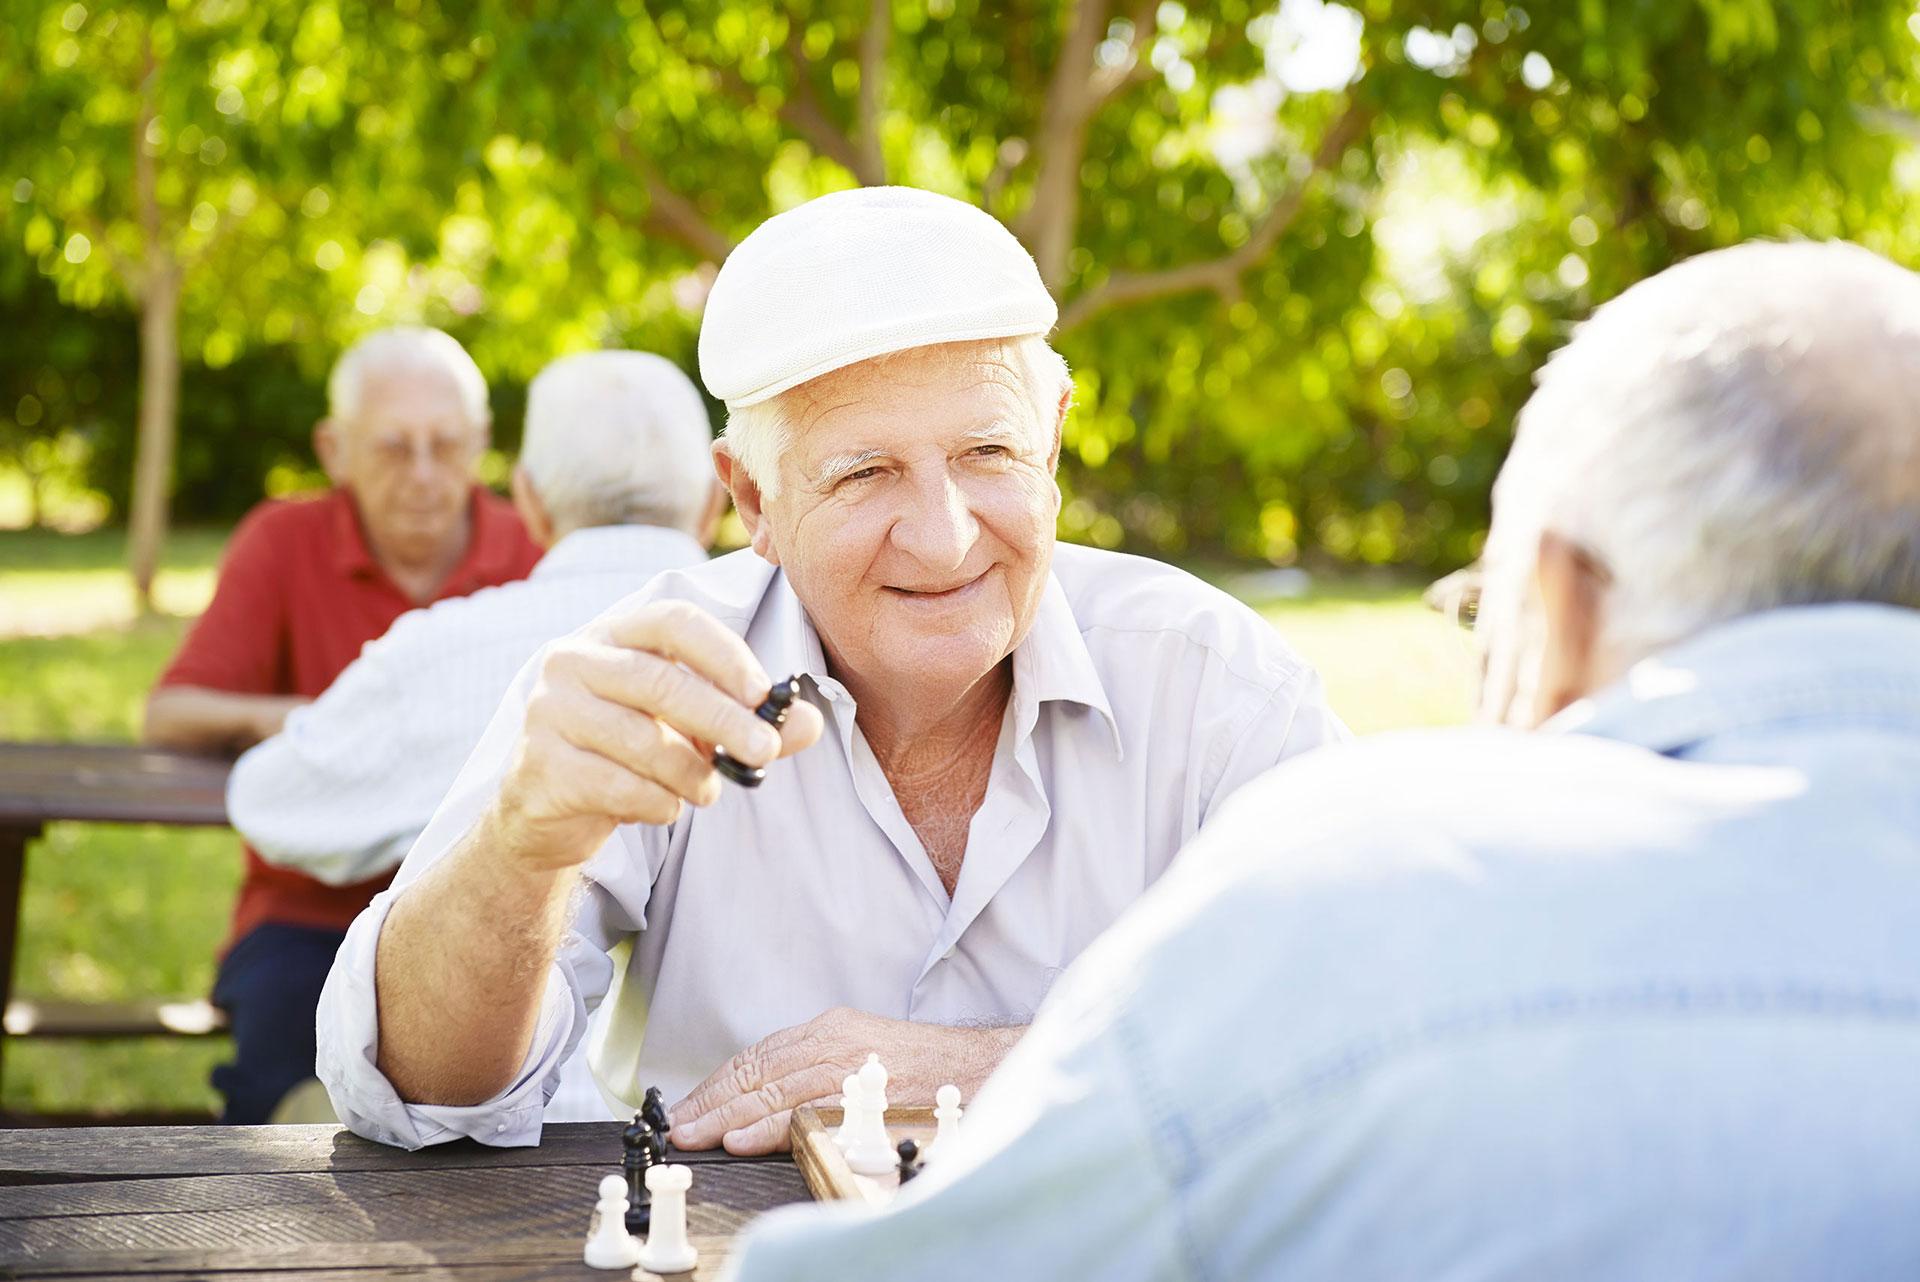 residencia de mayores jugando ajedred madrid zona norte Los Angeles